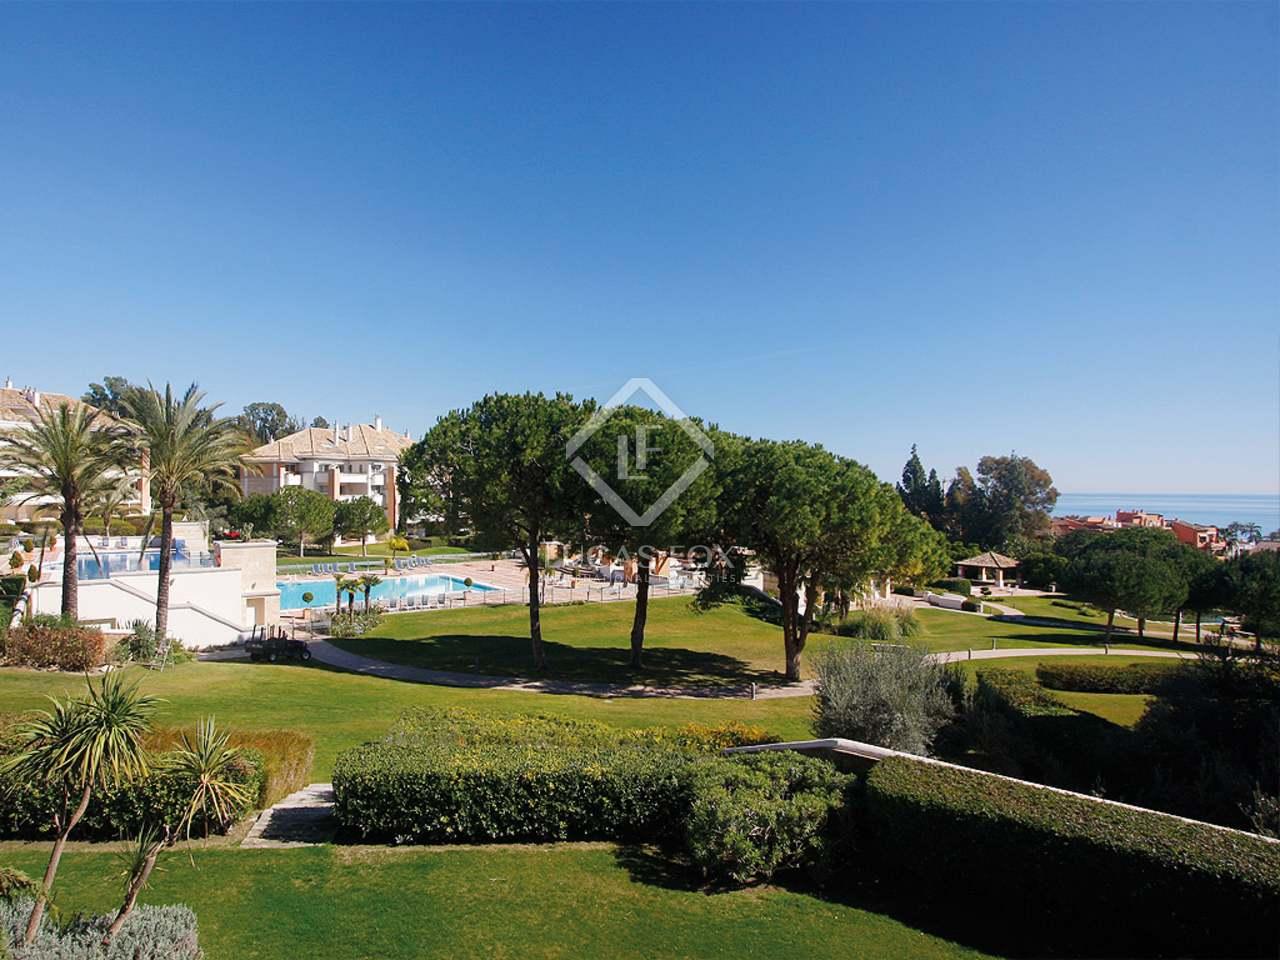 3 Bed Apartment for sale, La Trinidad, Golden Mile, Marbella : 1